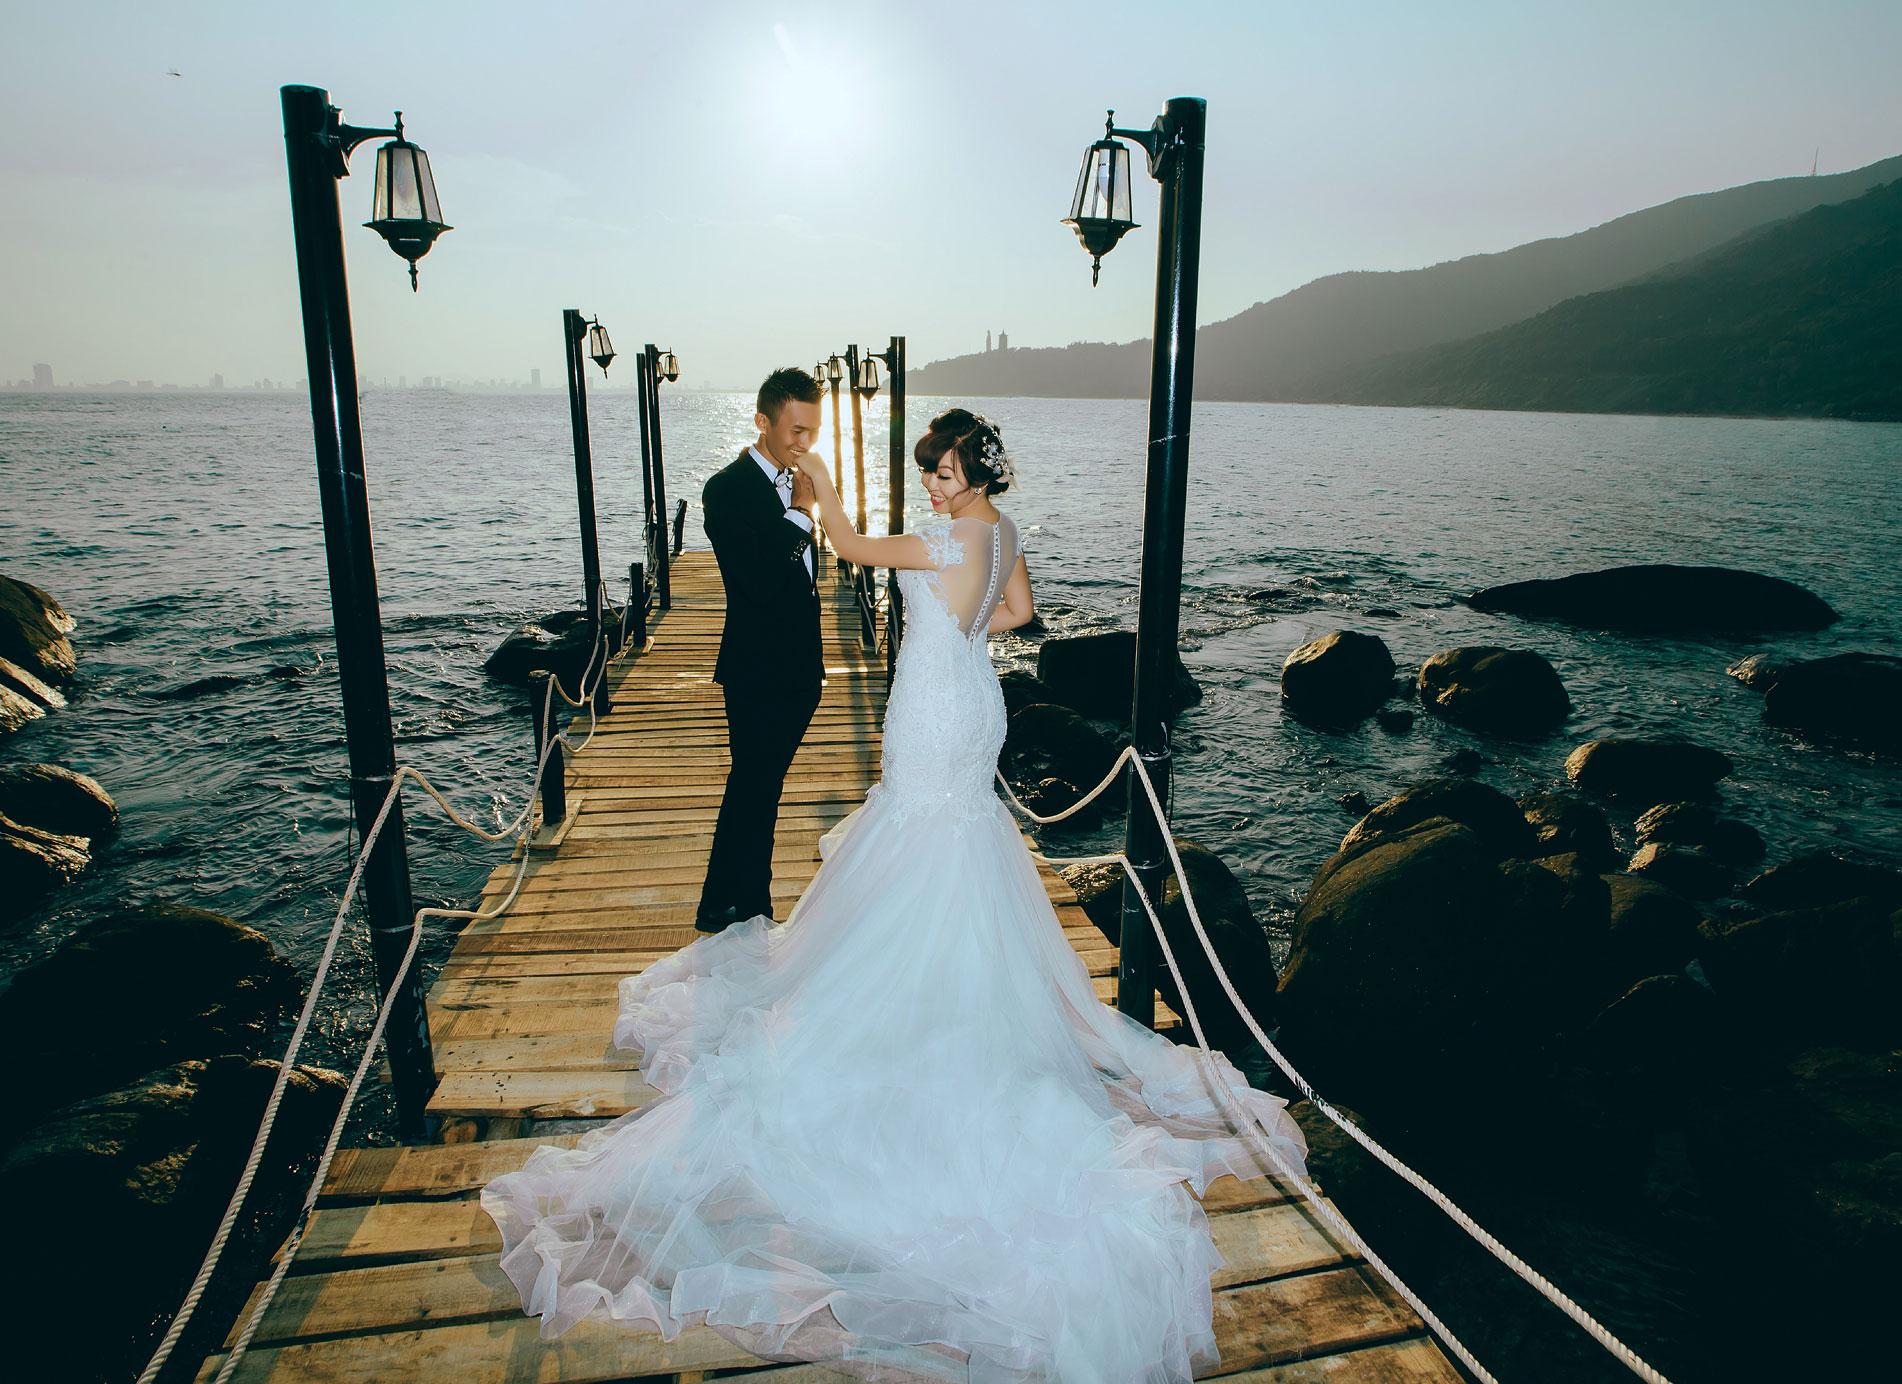 Chụp ảnh cưới Hải Vân – Đồi chè – Đà Nẵng – Hội An| Thanh – Trang